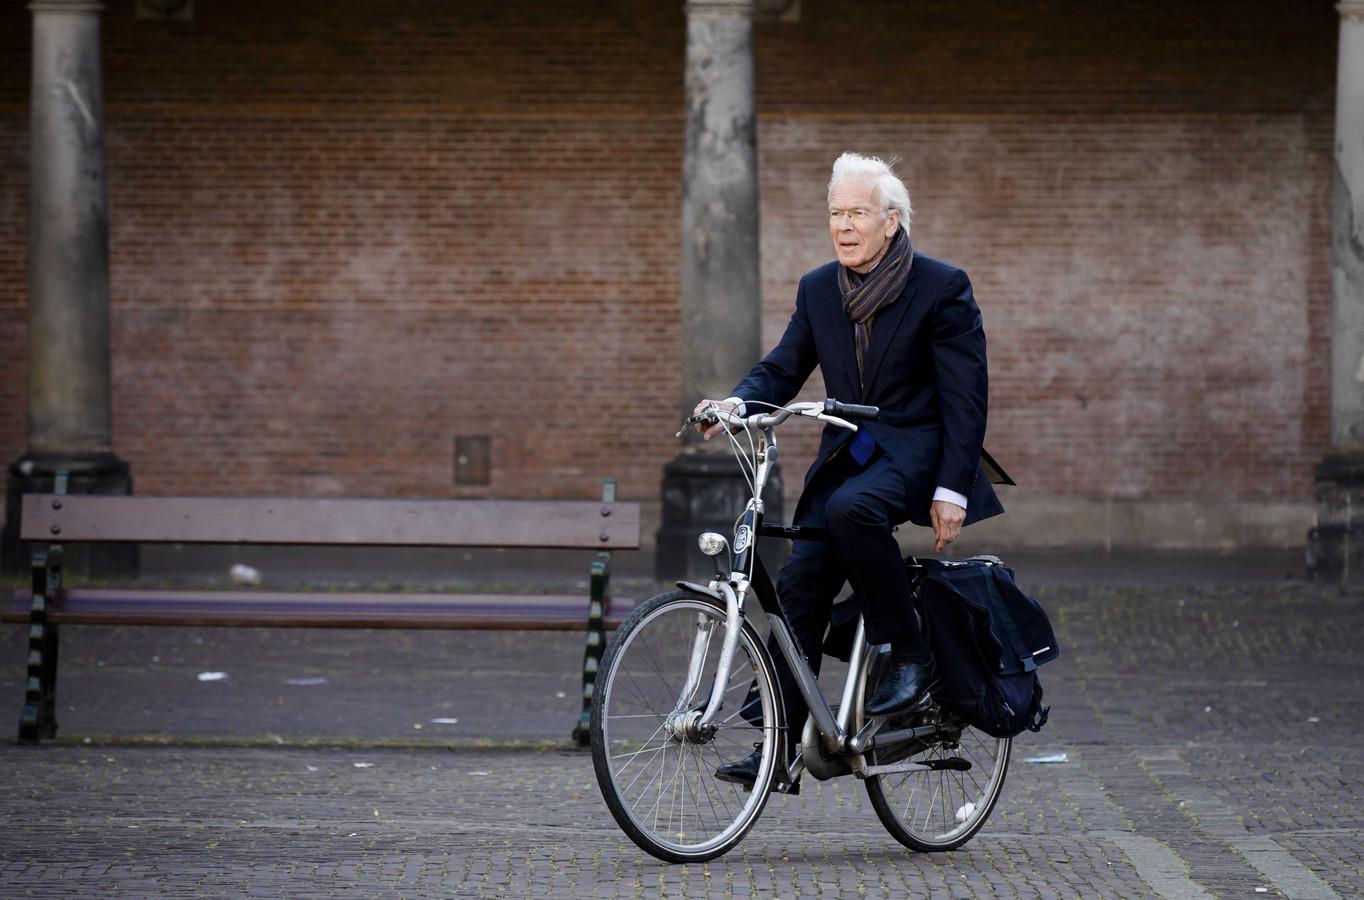 Tjeenk Willink arriveert met de fiets op het Binnenhof, als informateur in 2017.